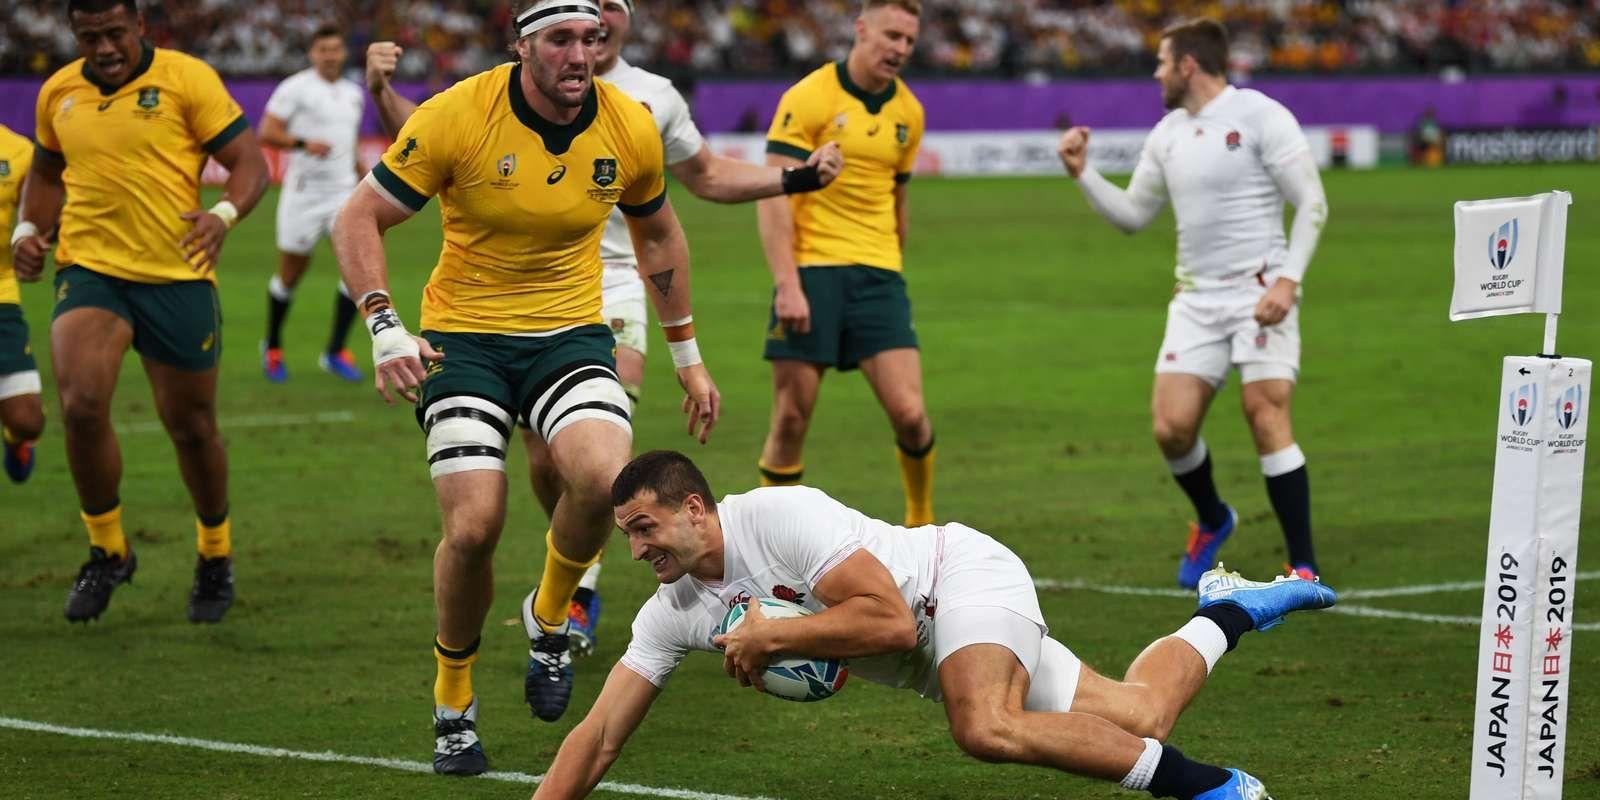 Coupe du monde de rugby 2019 intouchables face aux